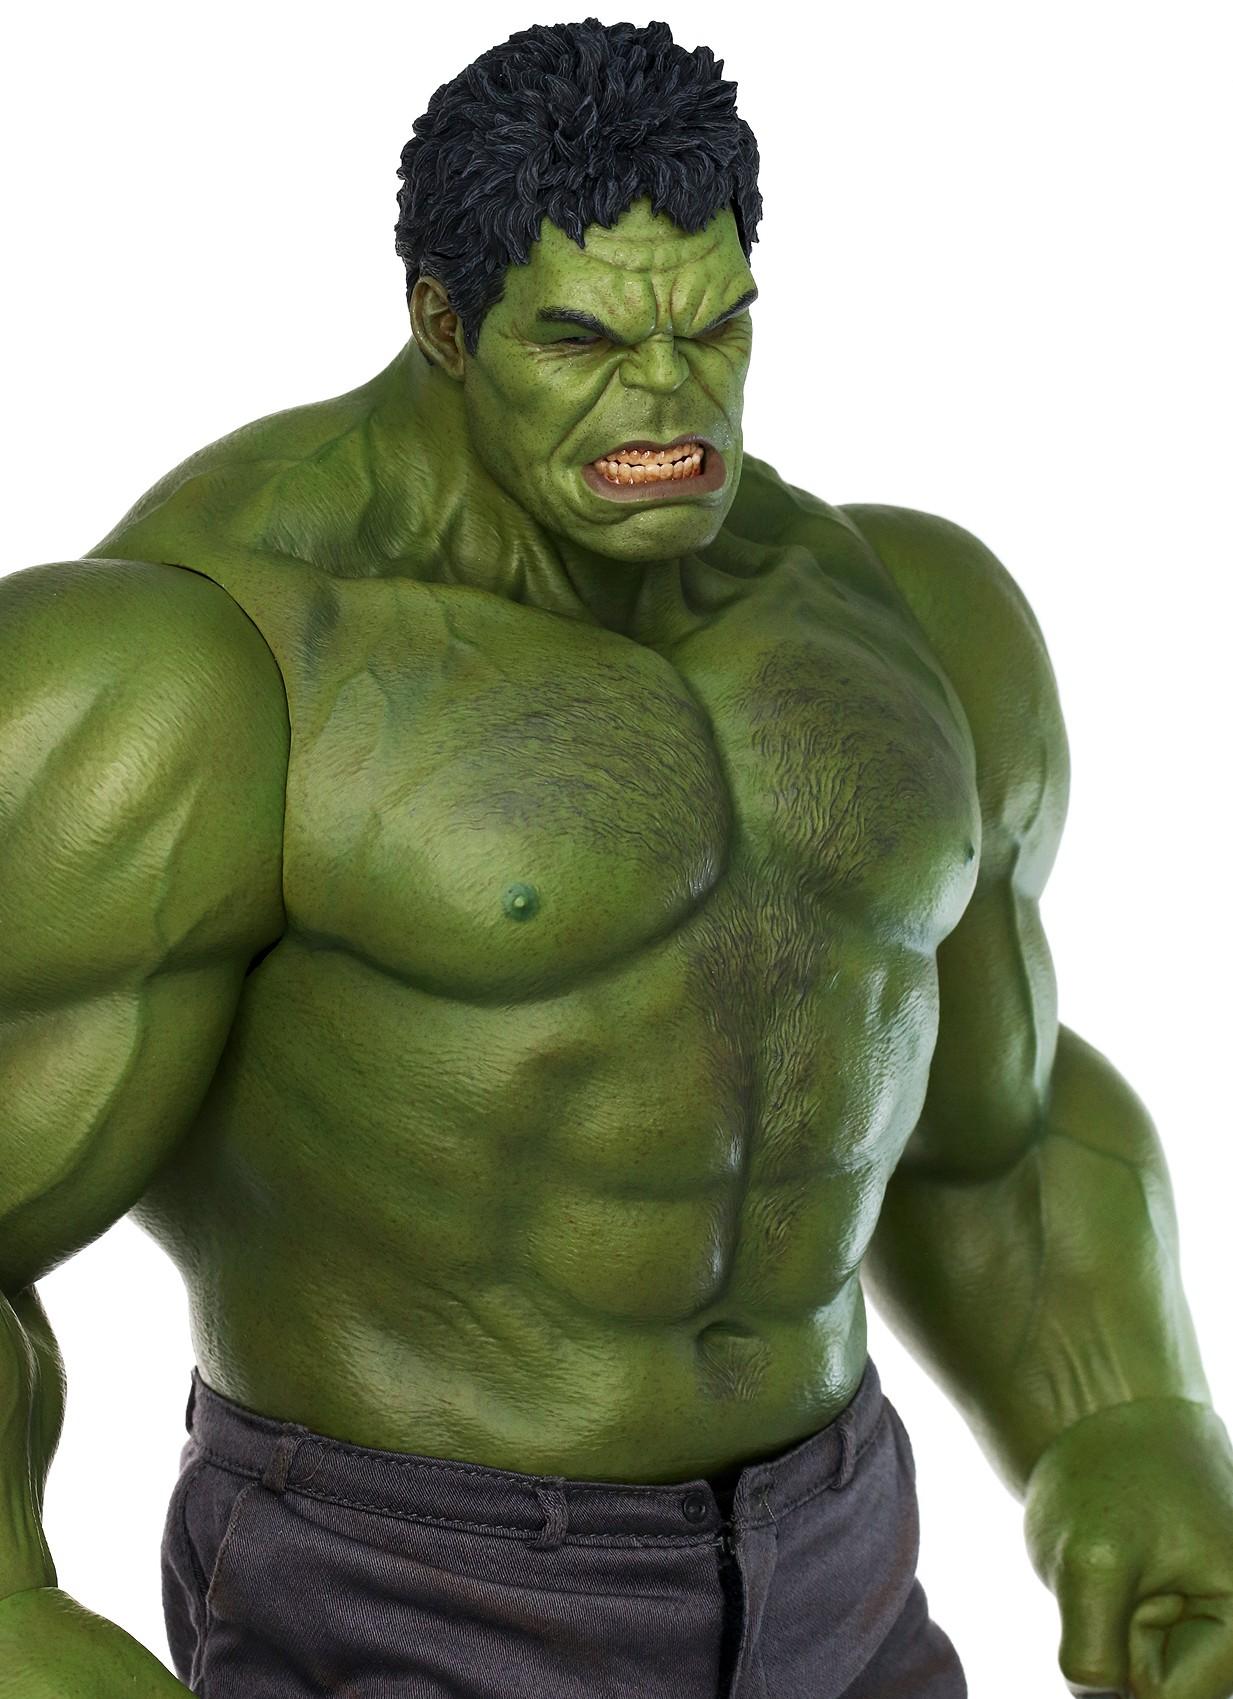 Hulk 2013 Avengers Avengers Hot Toys Hulk